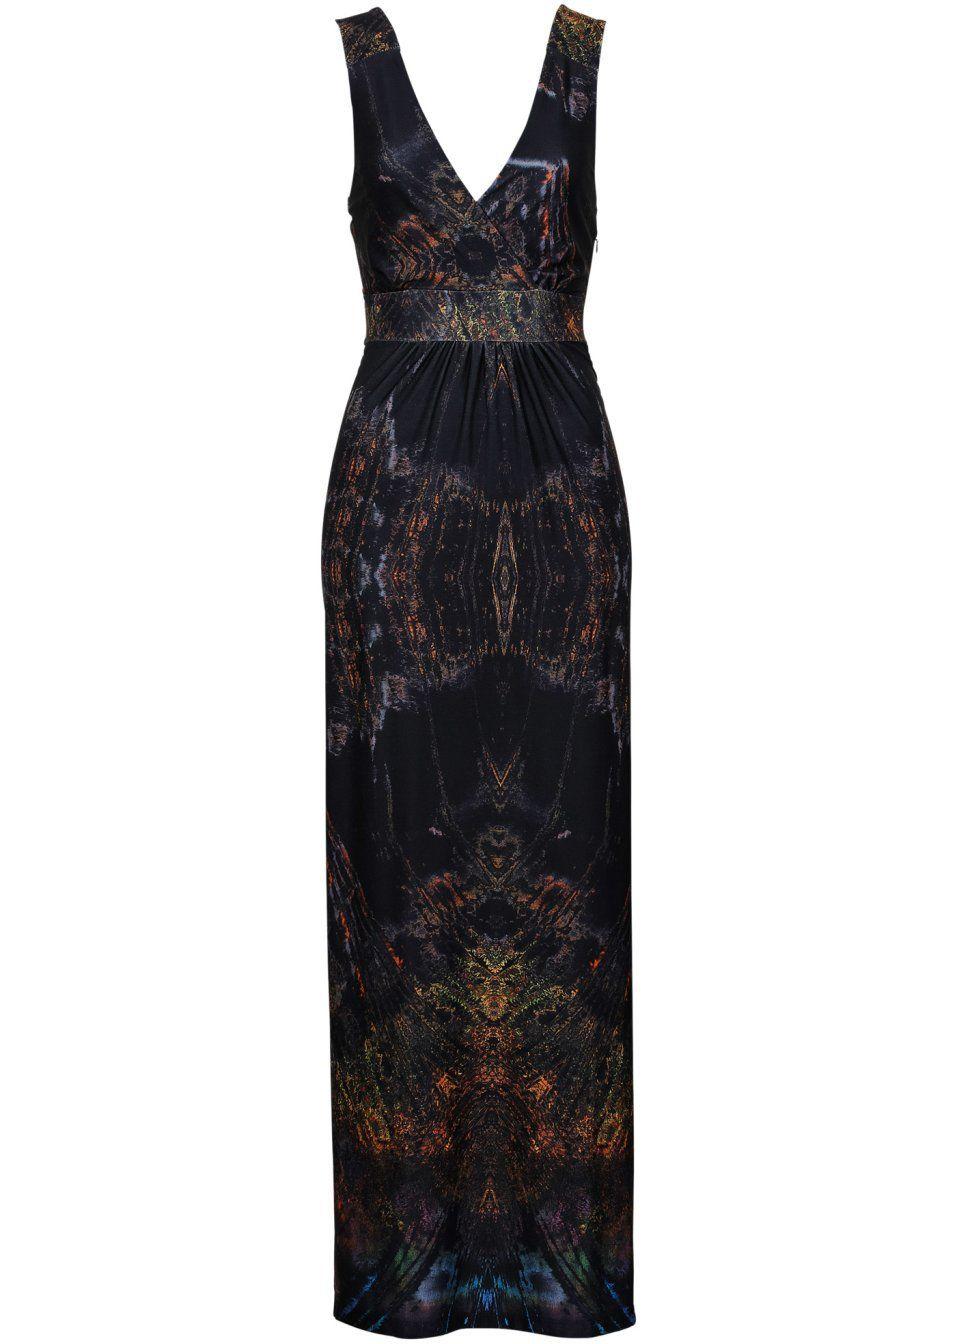 f3b43ce945a2 Dlouhé šaty Skvělé dlouhé šaty značky • 749.0 Kč • bonprix